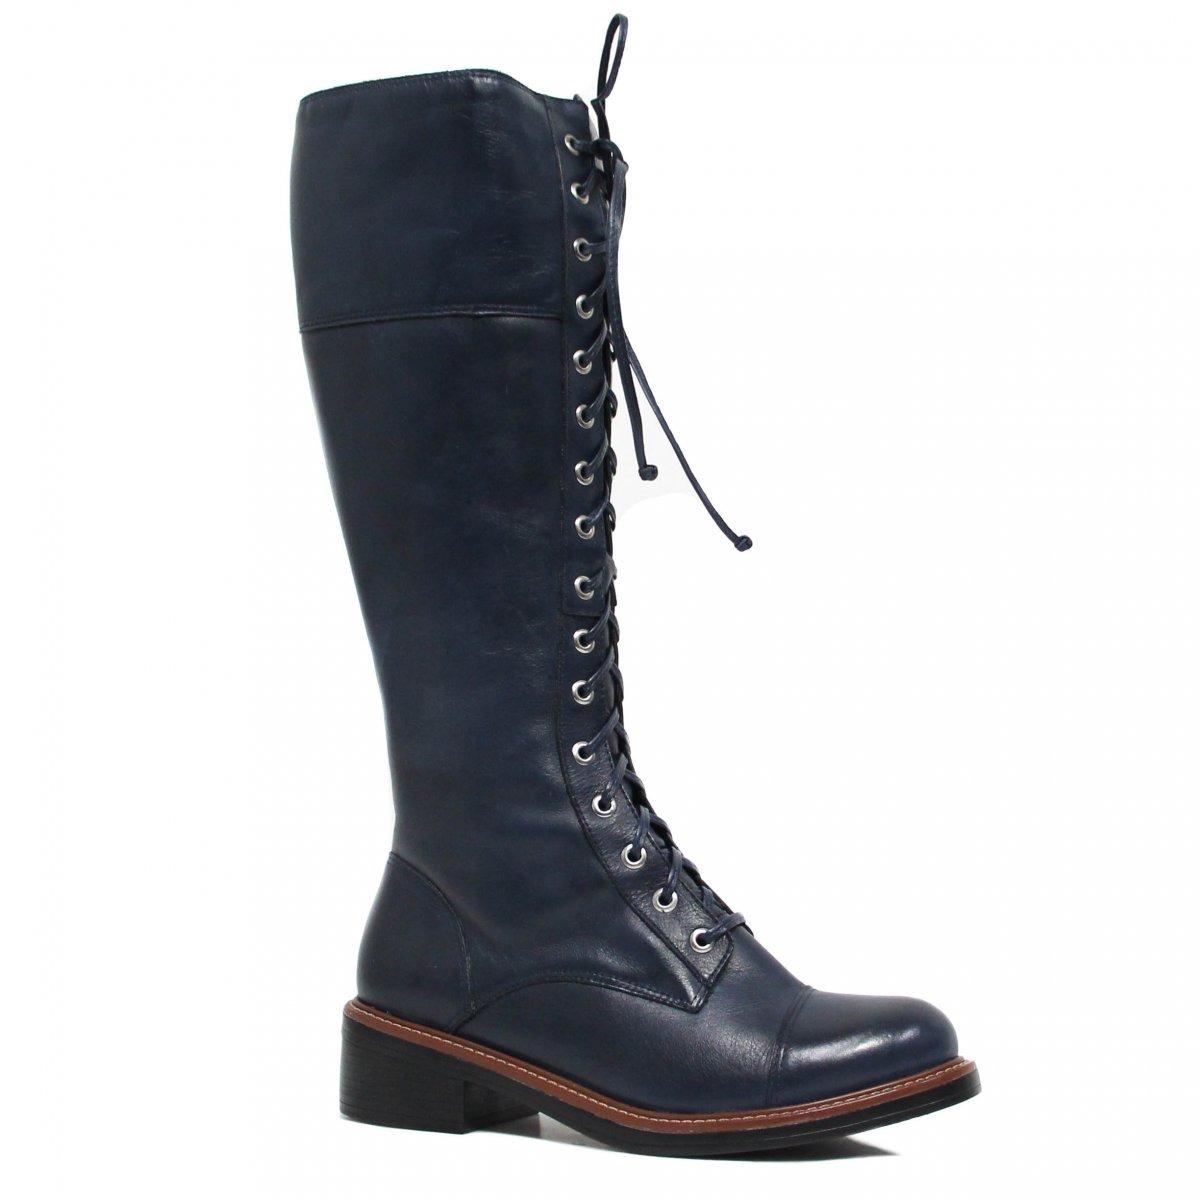 435e1d1df28 Bota Montaria Zariff Shoes Coturno Couro Azul 884zrf